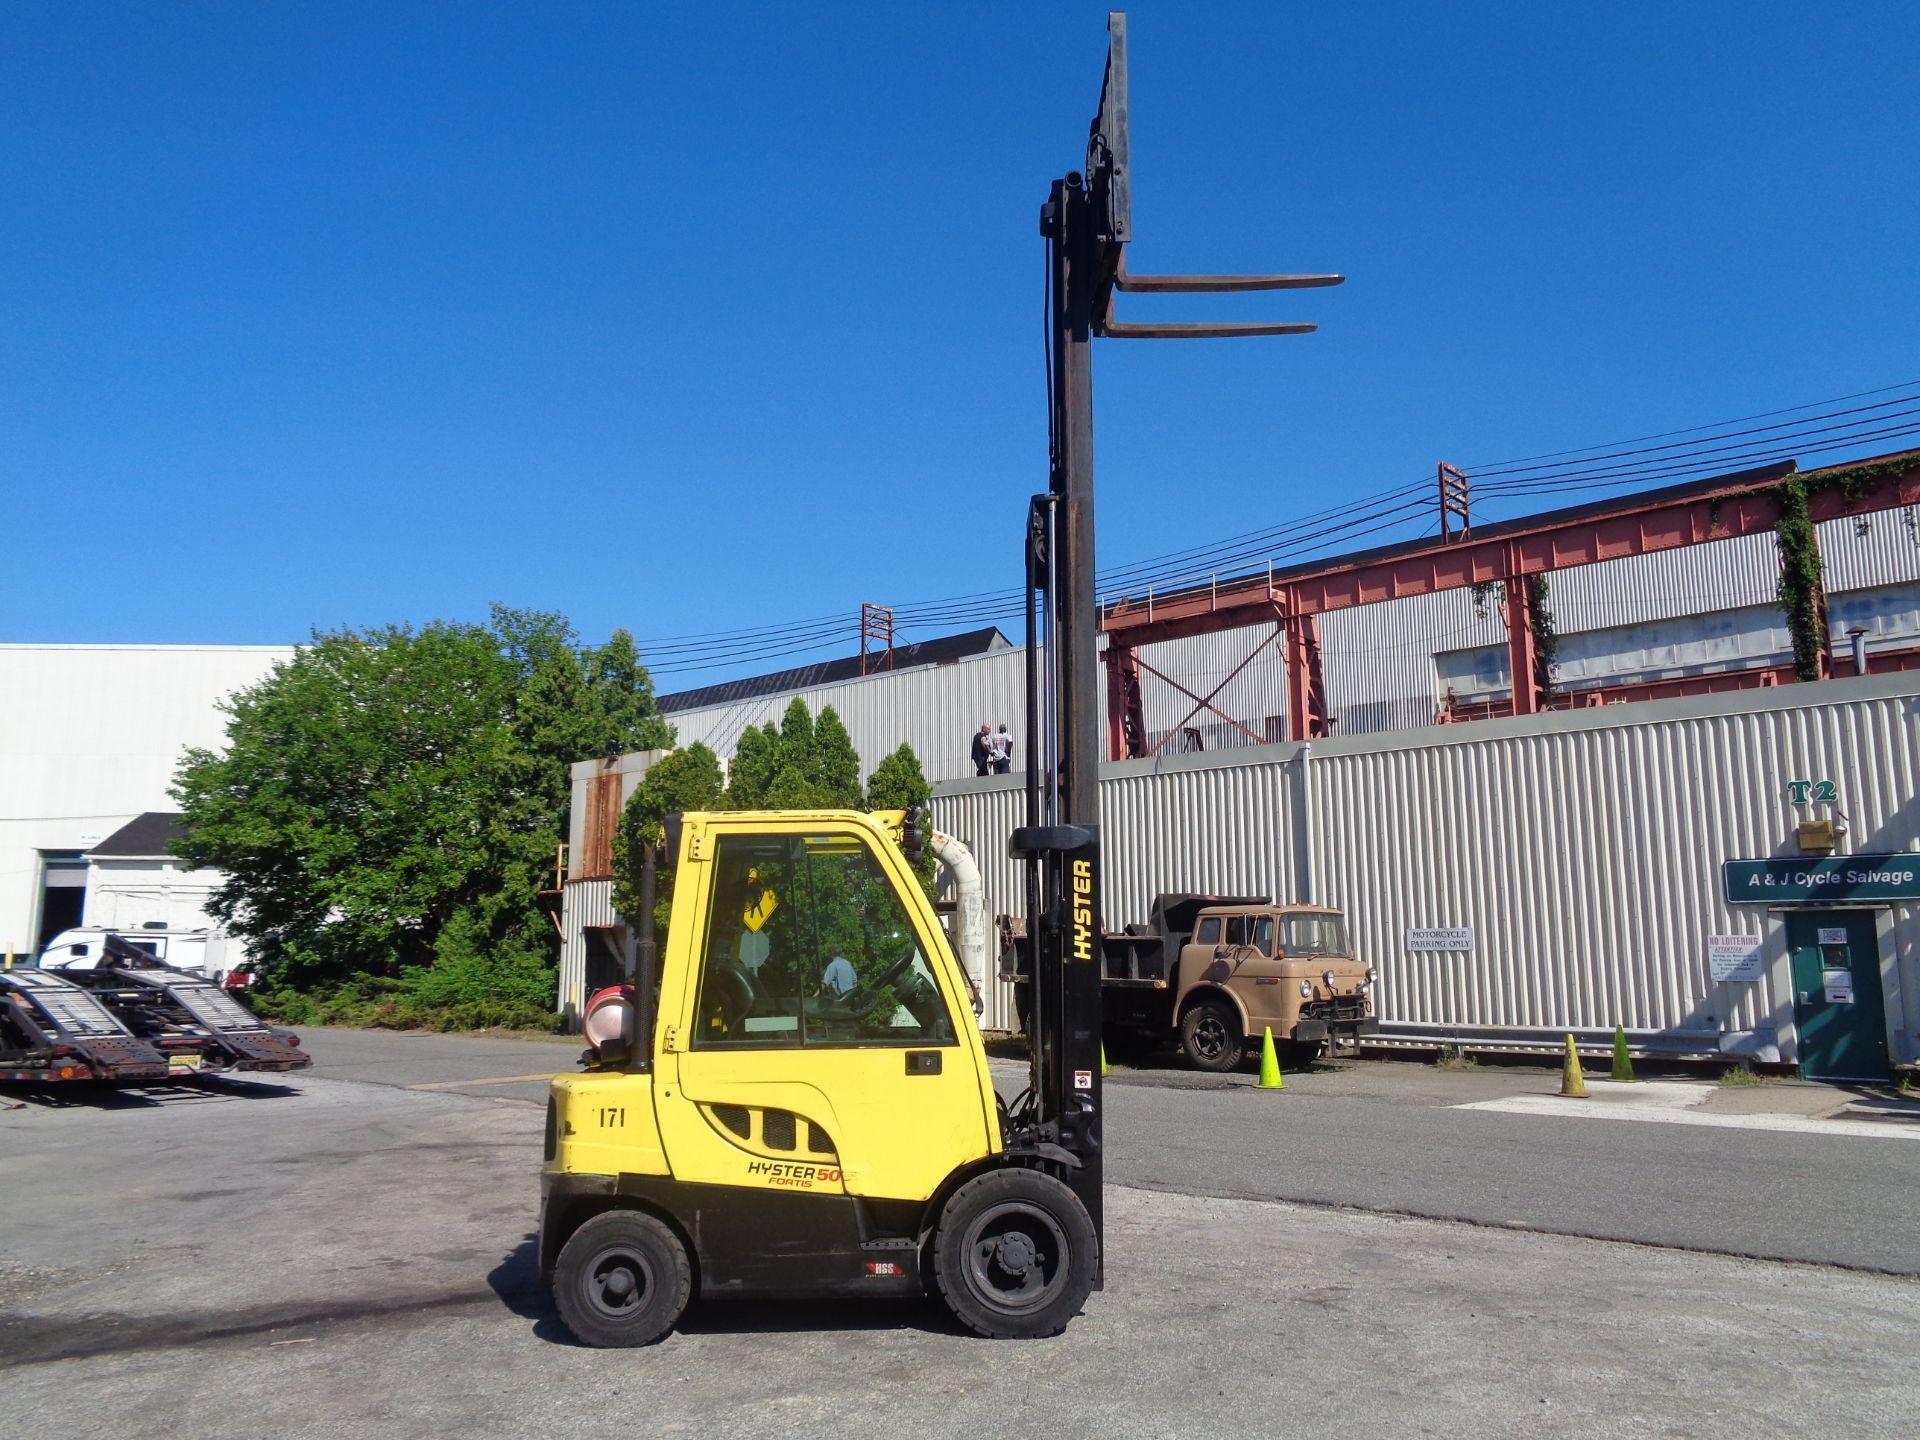 2015 Hyster H50FT 5,000 lb Forklift - Image 8 of 12